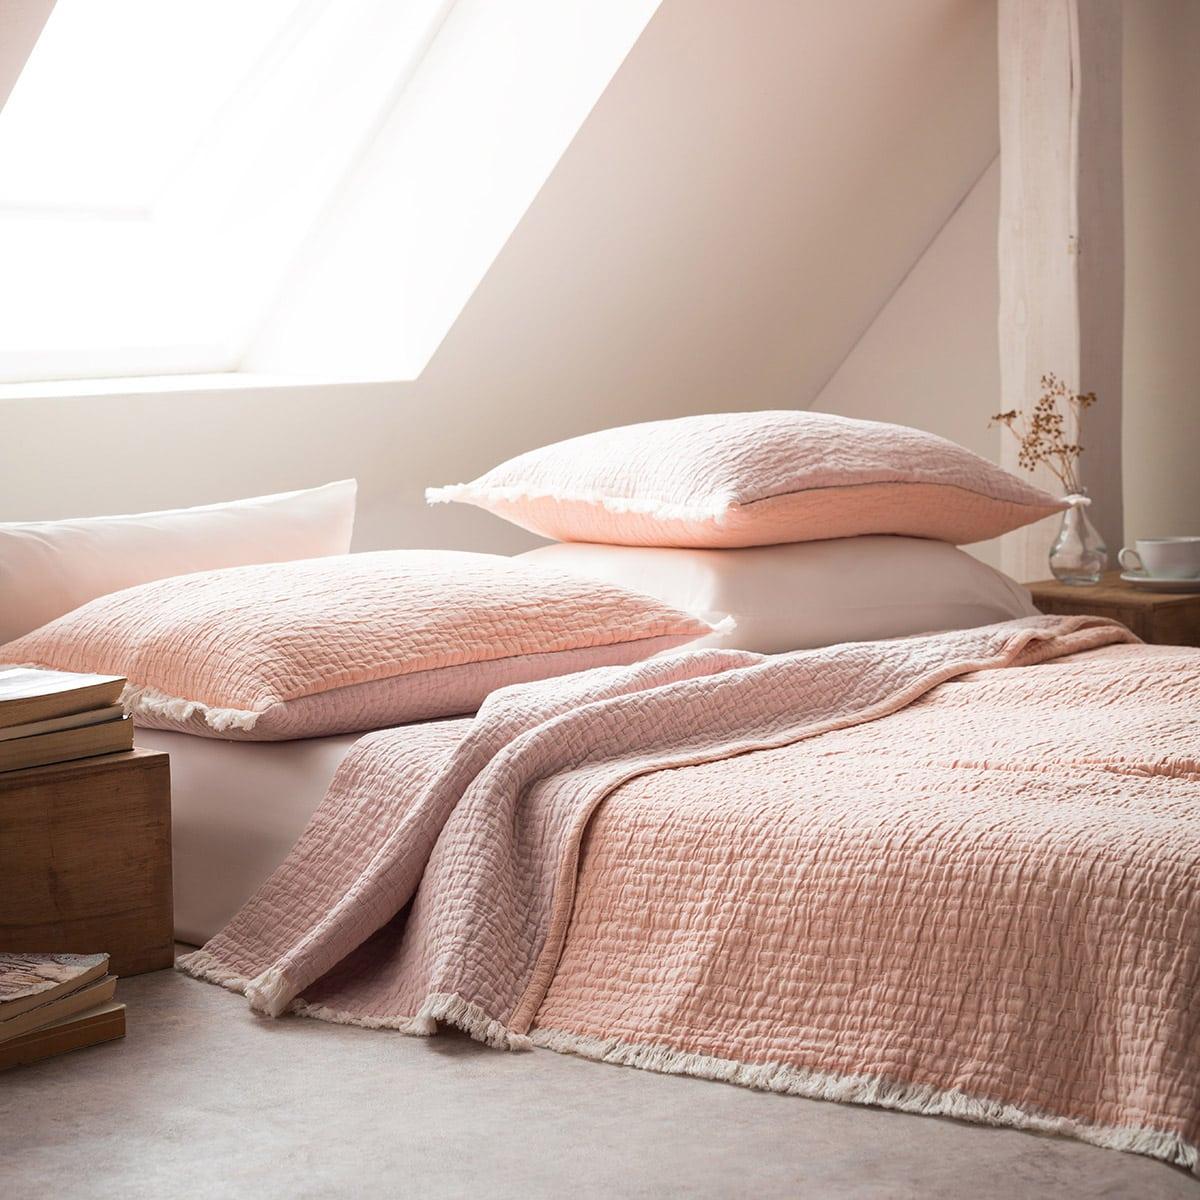 Κουβερτόριο Διπλής Όψης Cloudy 977/17 Pink-Somon Gofis Home Υπέρδιπλo